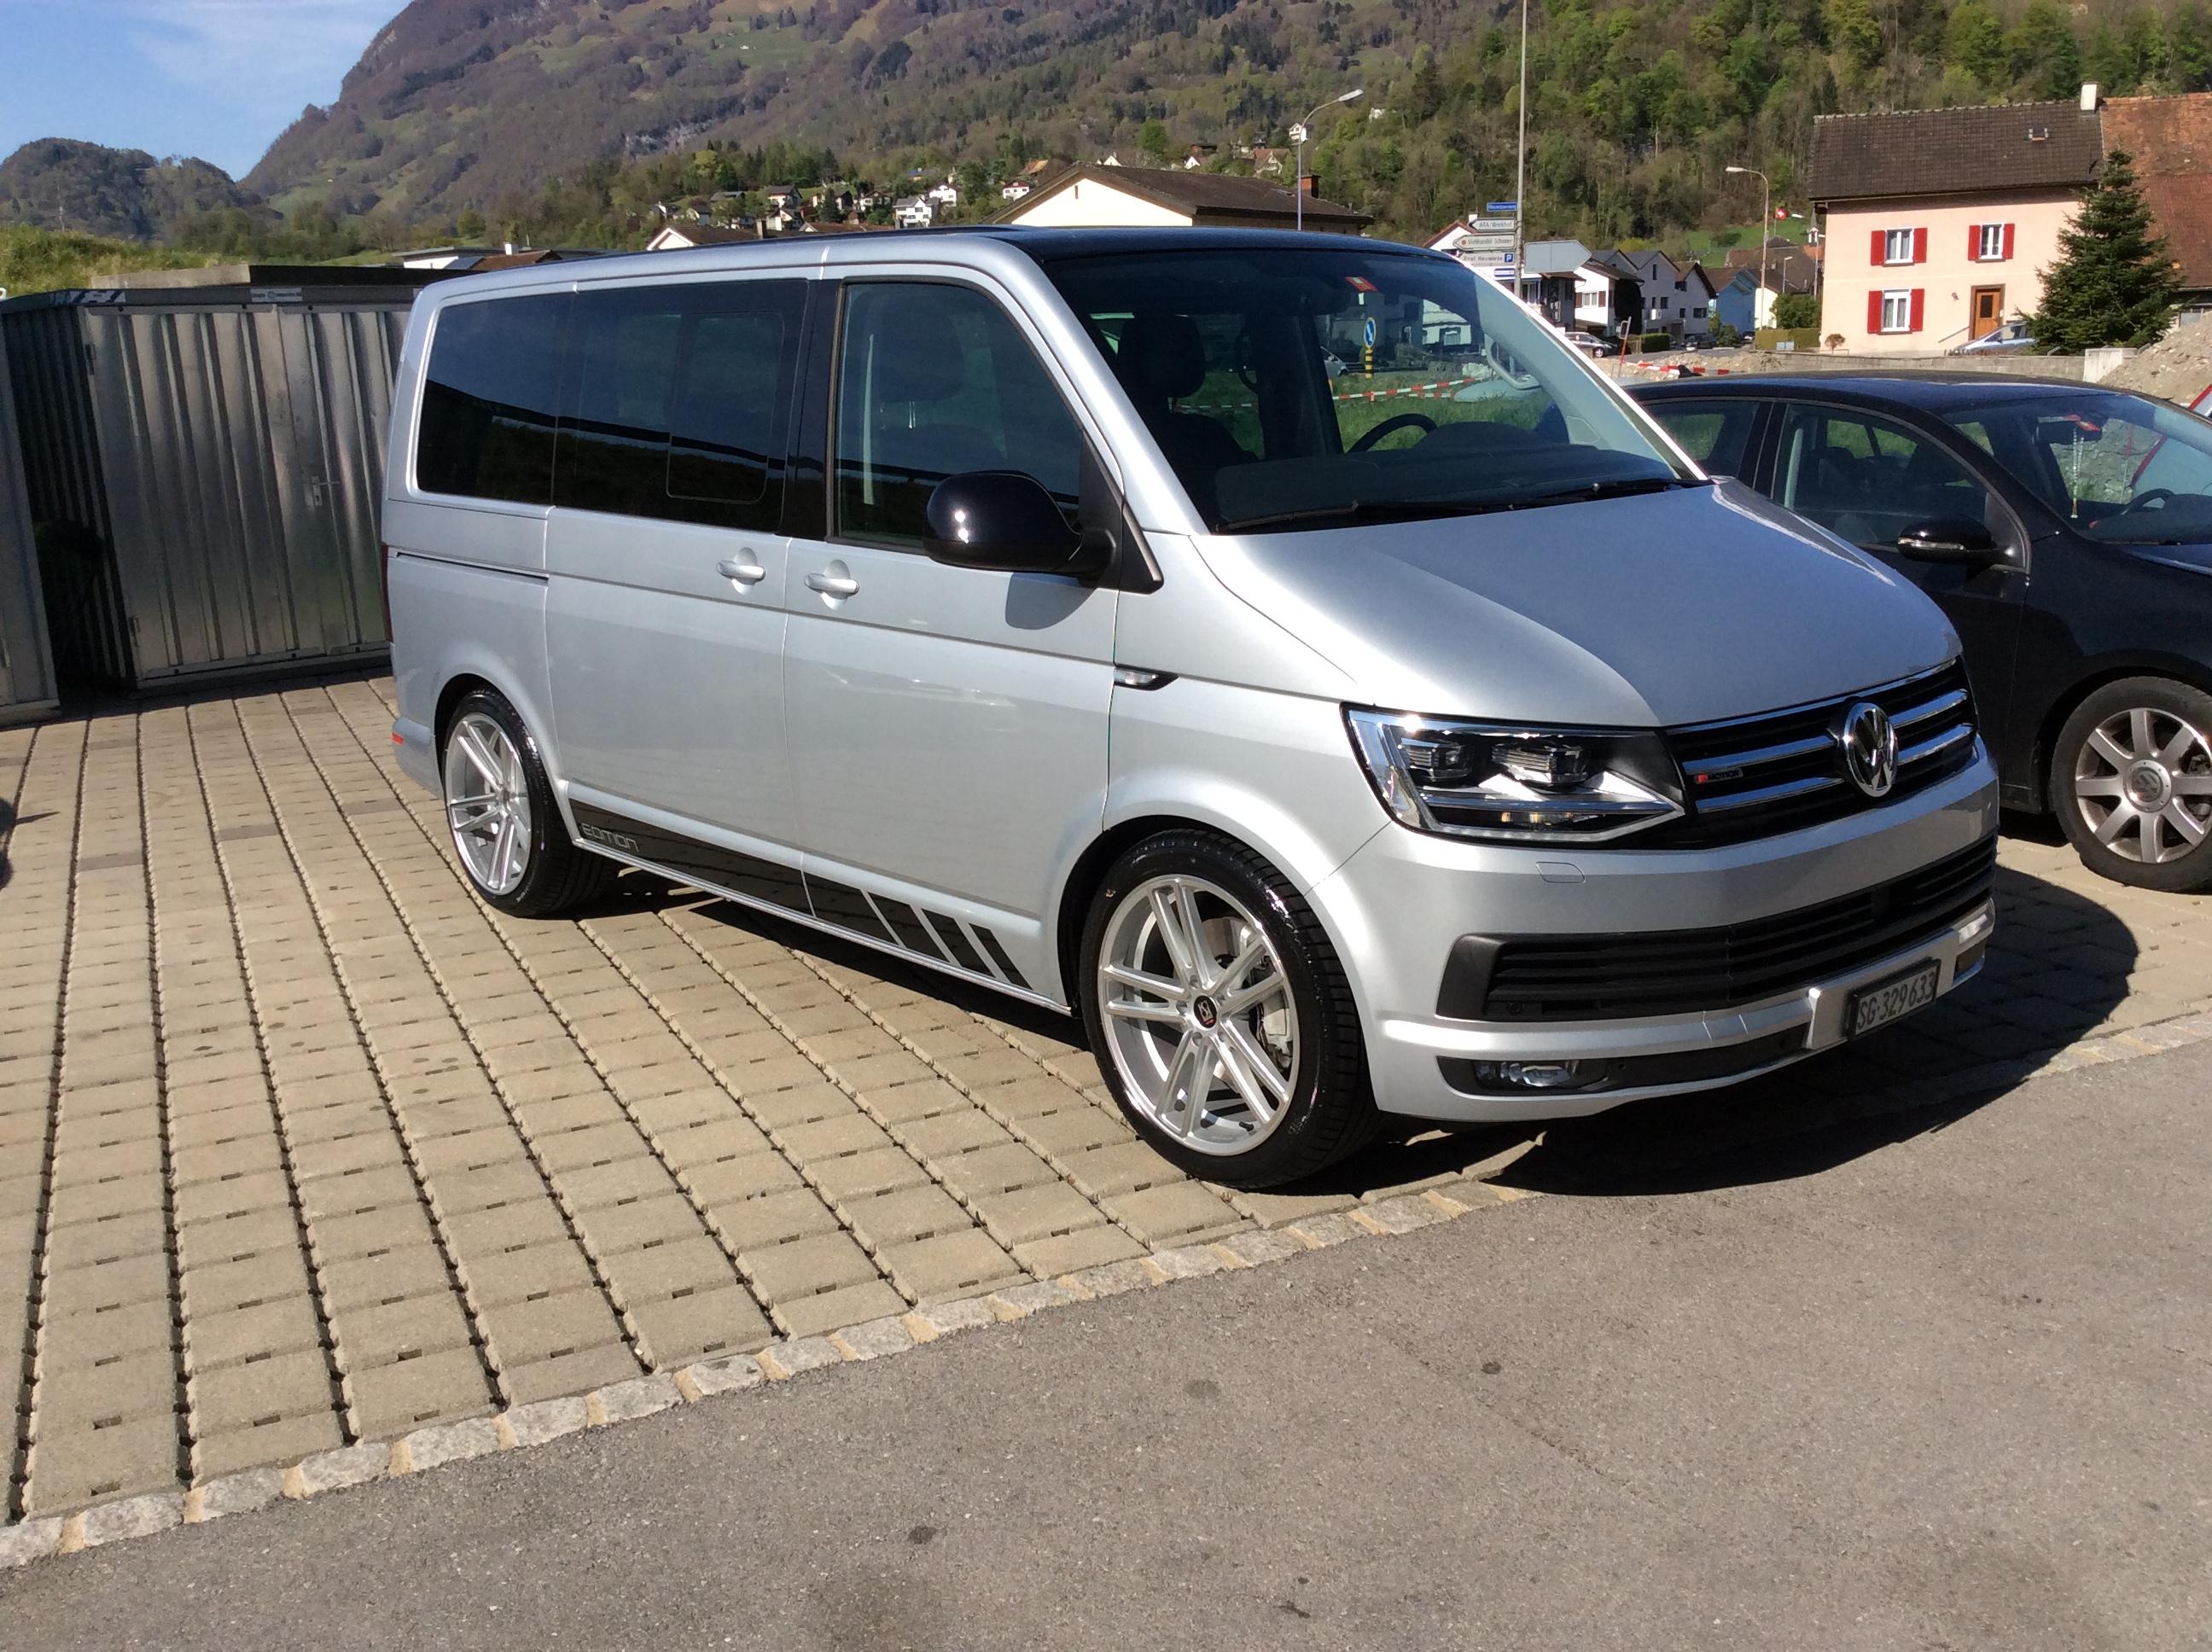 Buy Exhibition Car Bus Vw T6 Multivan 2 0 Tdi 204 Cl Bulli Dsg 4m 18000 Km At 59900 Chf On Carforyou Ch